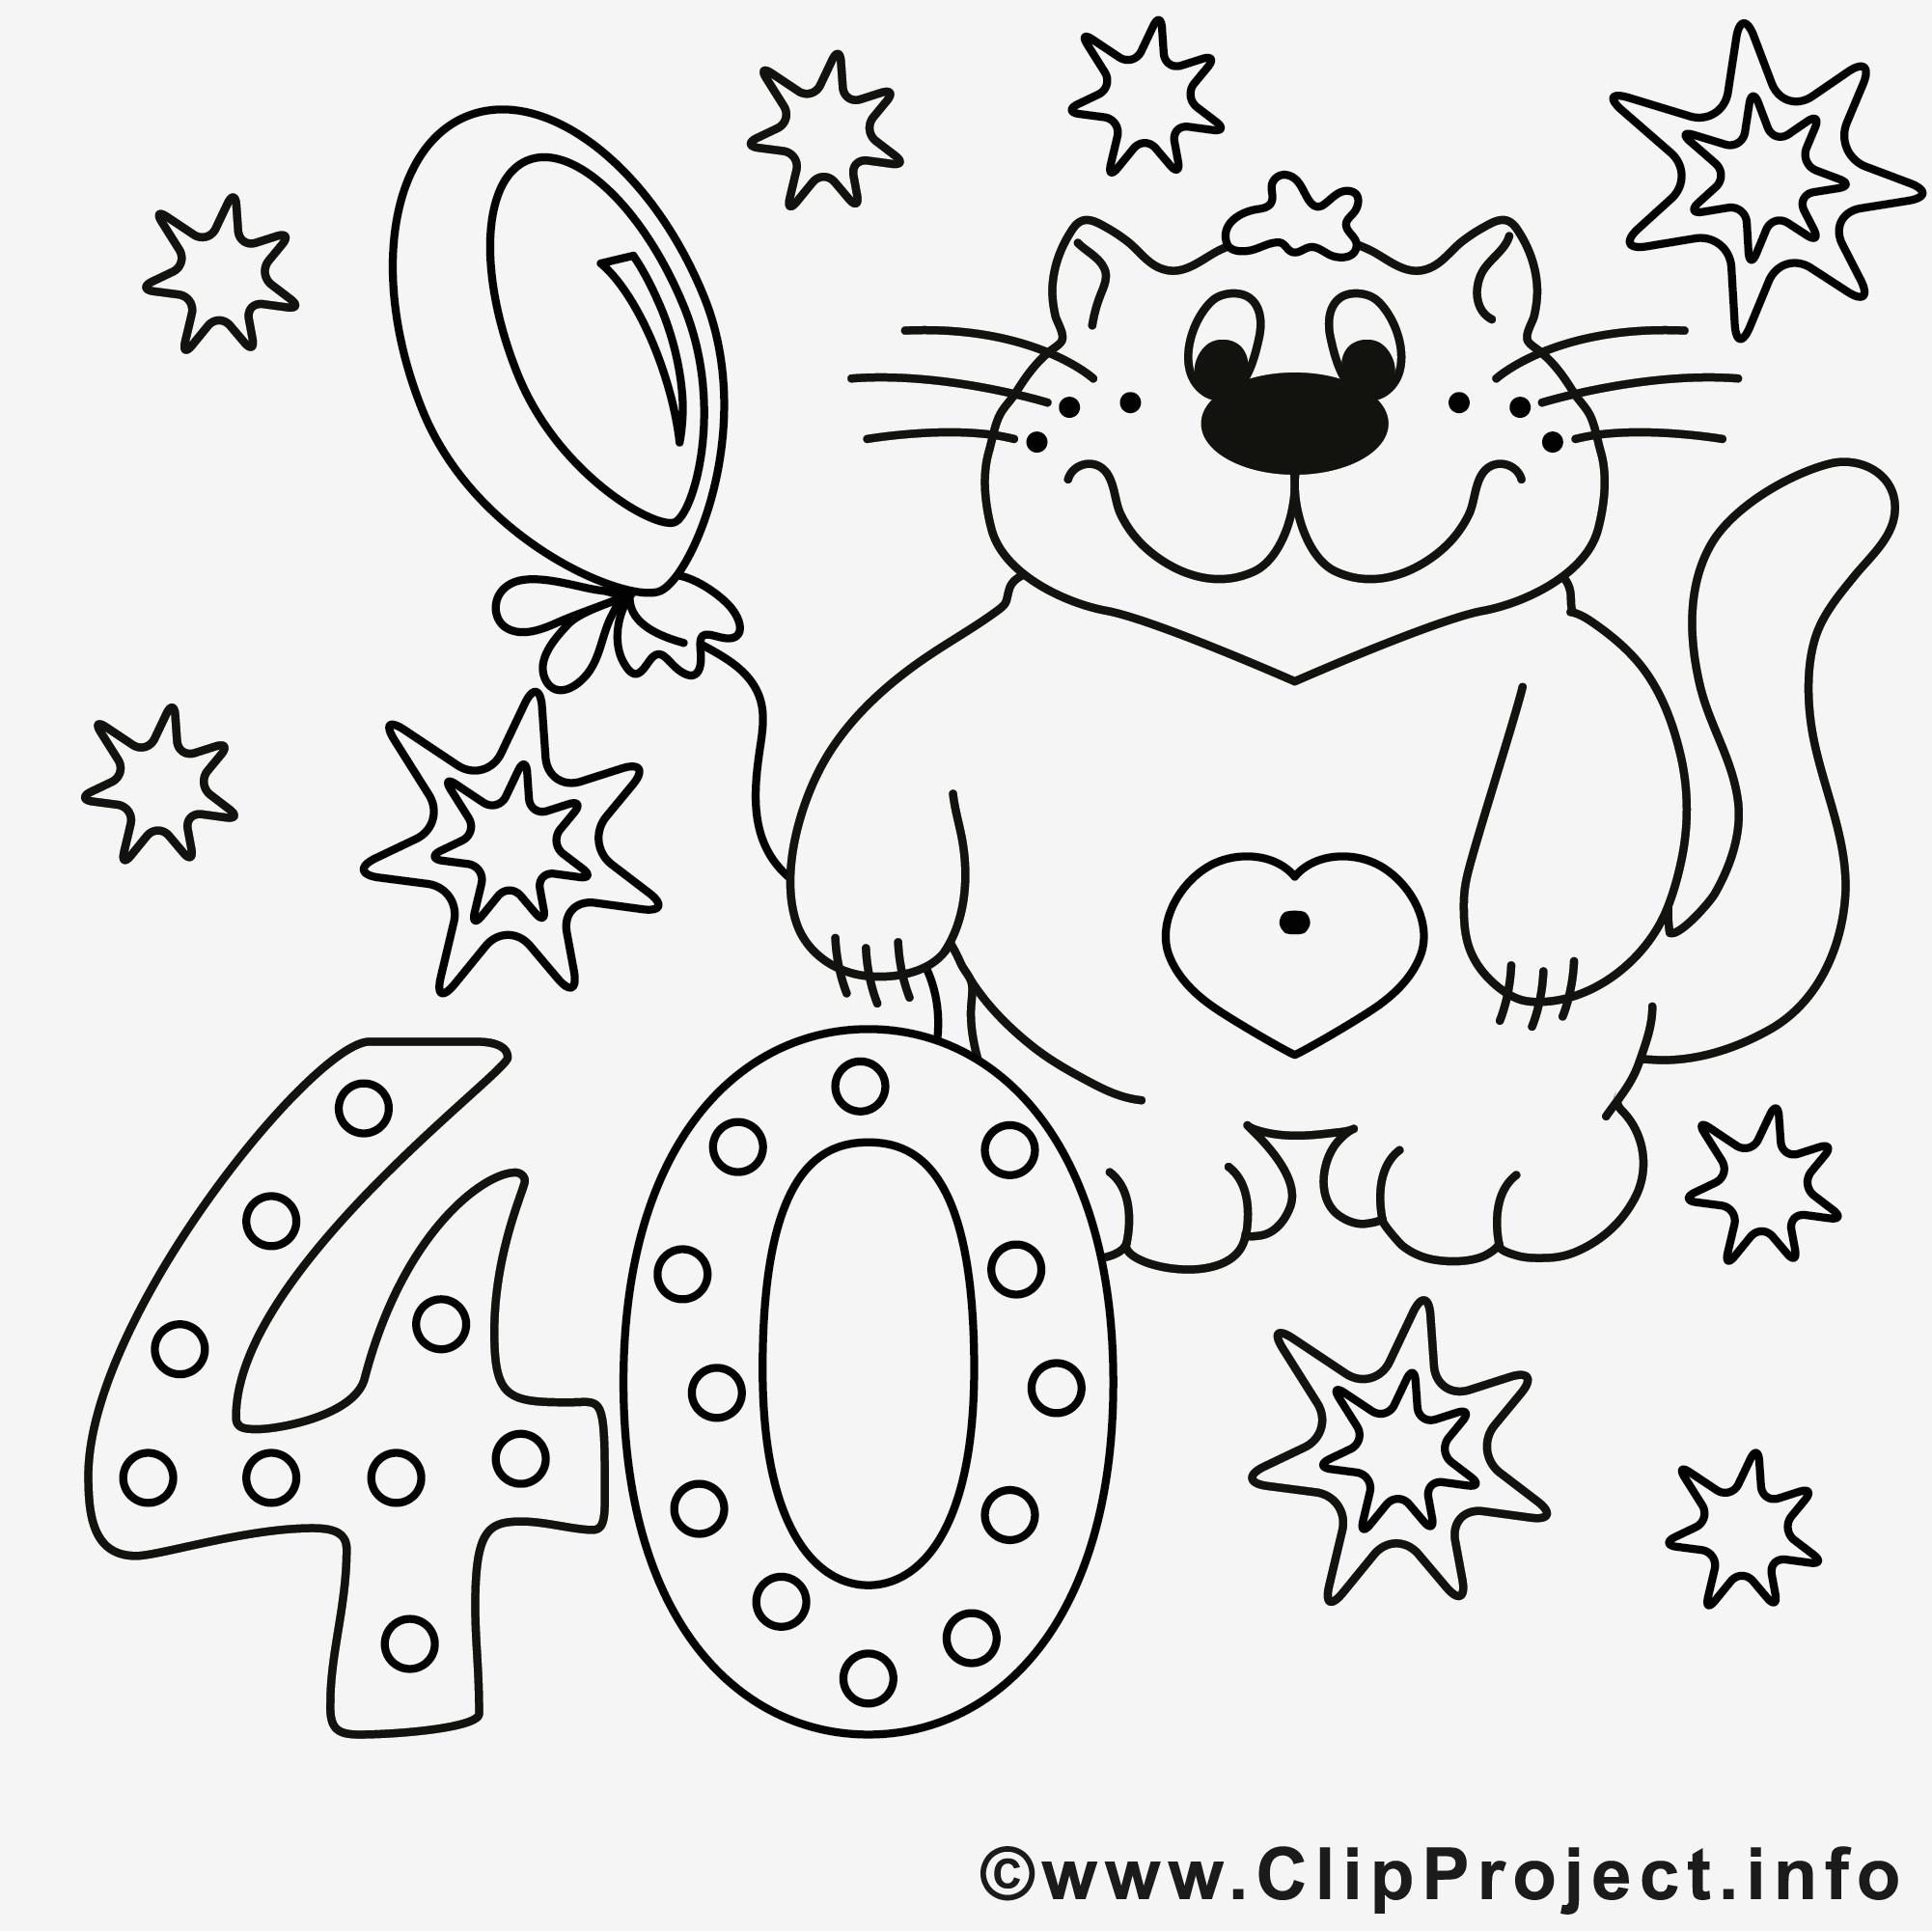 Ausmalbilder Katzen Und Hunde Neu Ausmalbilder Schule Kostenlos Einzigartig Malvorlagen Igel Frisch Das Bild